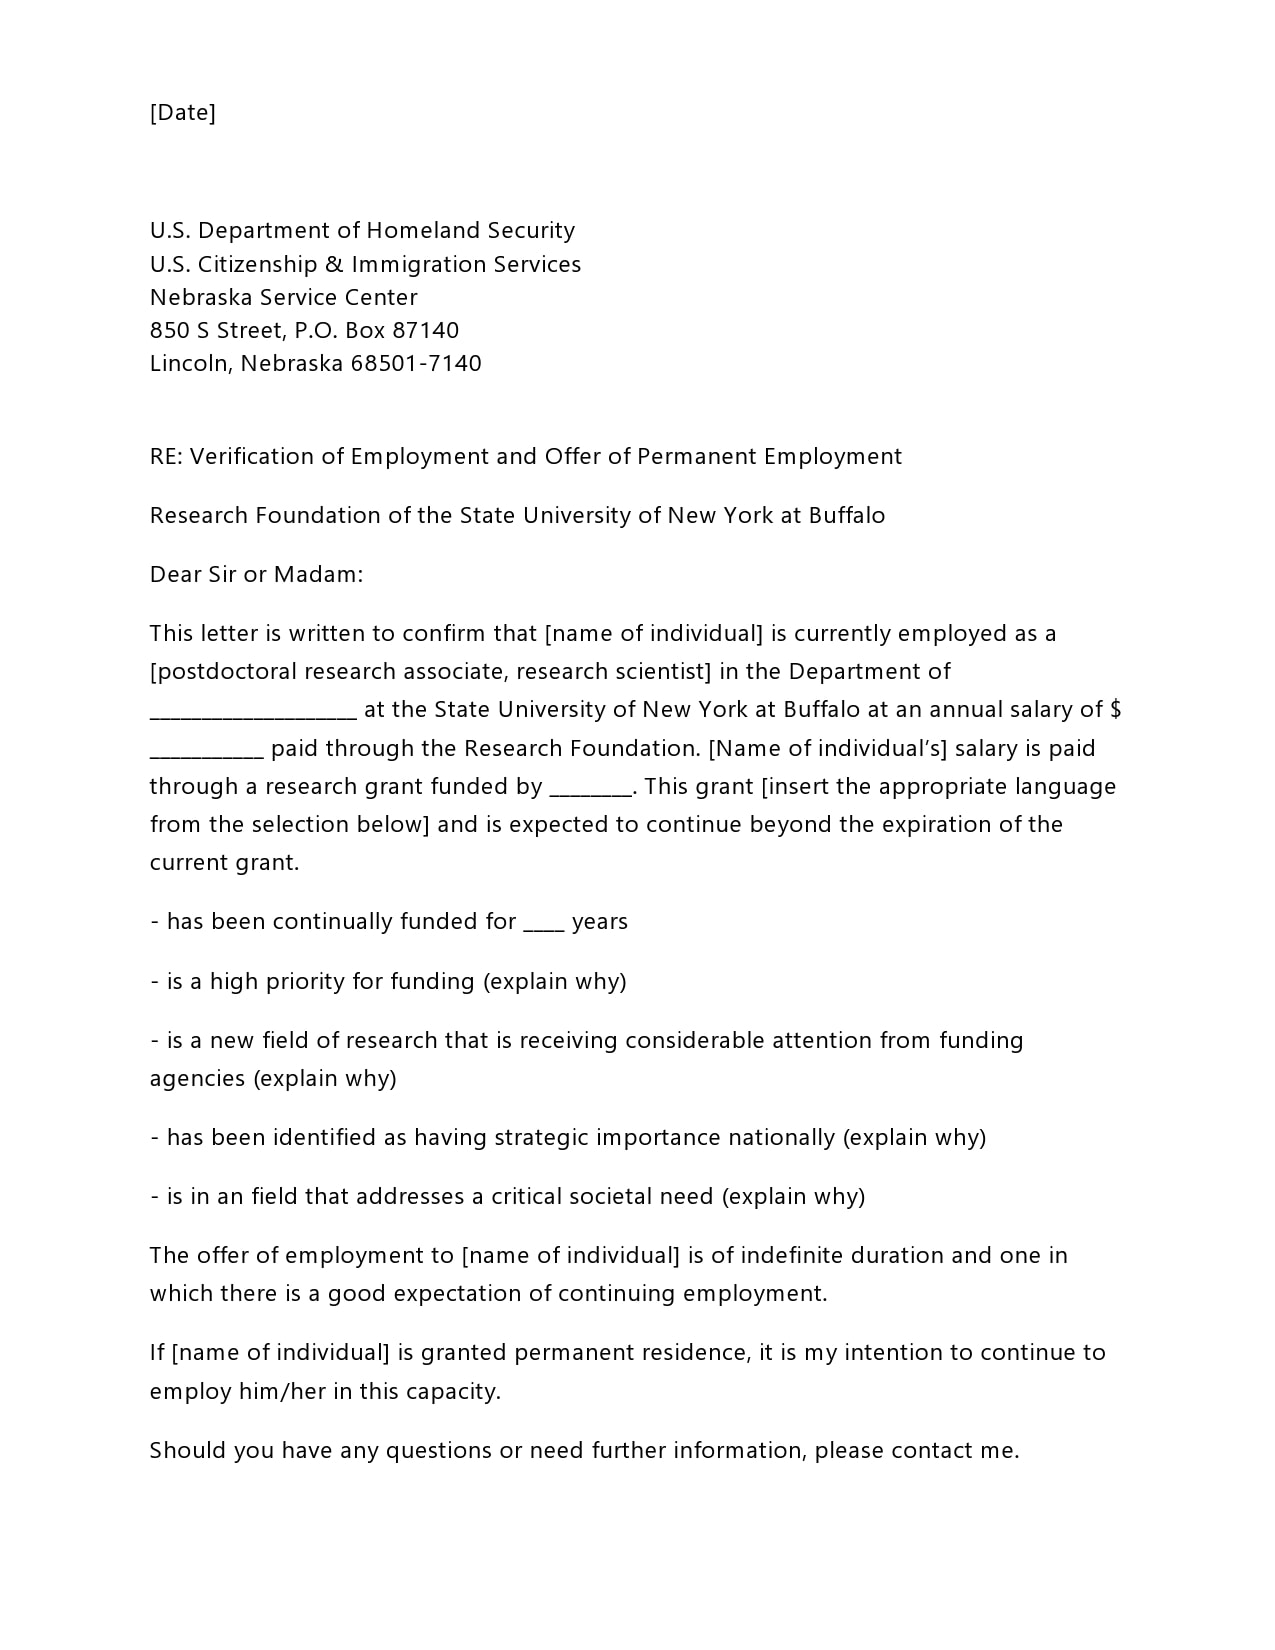 employment verification letter 18